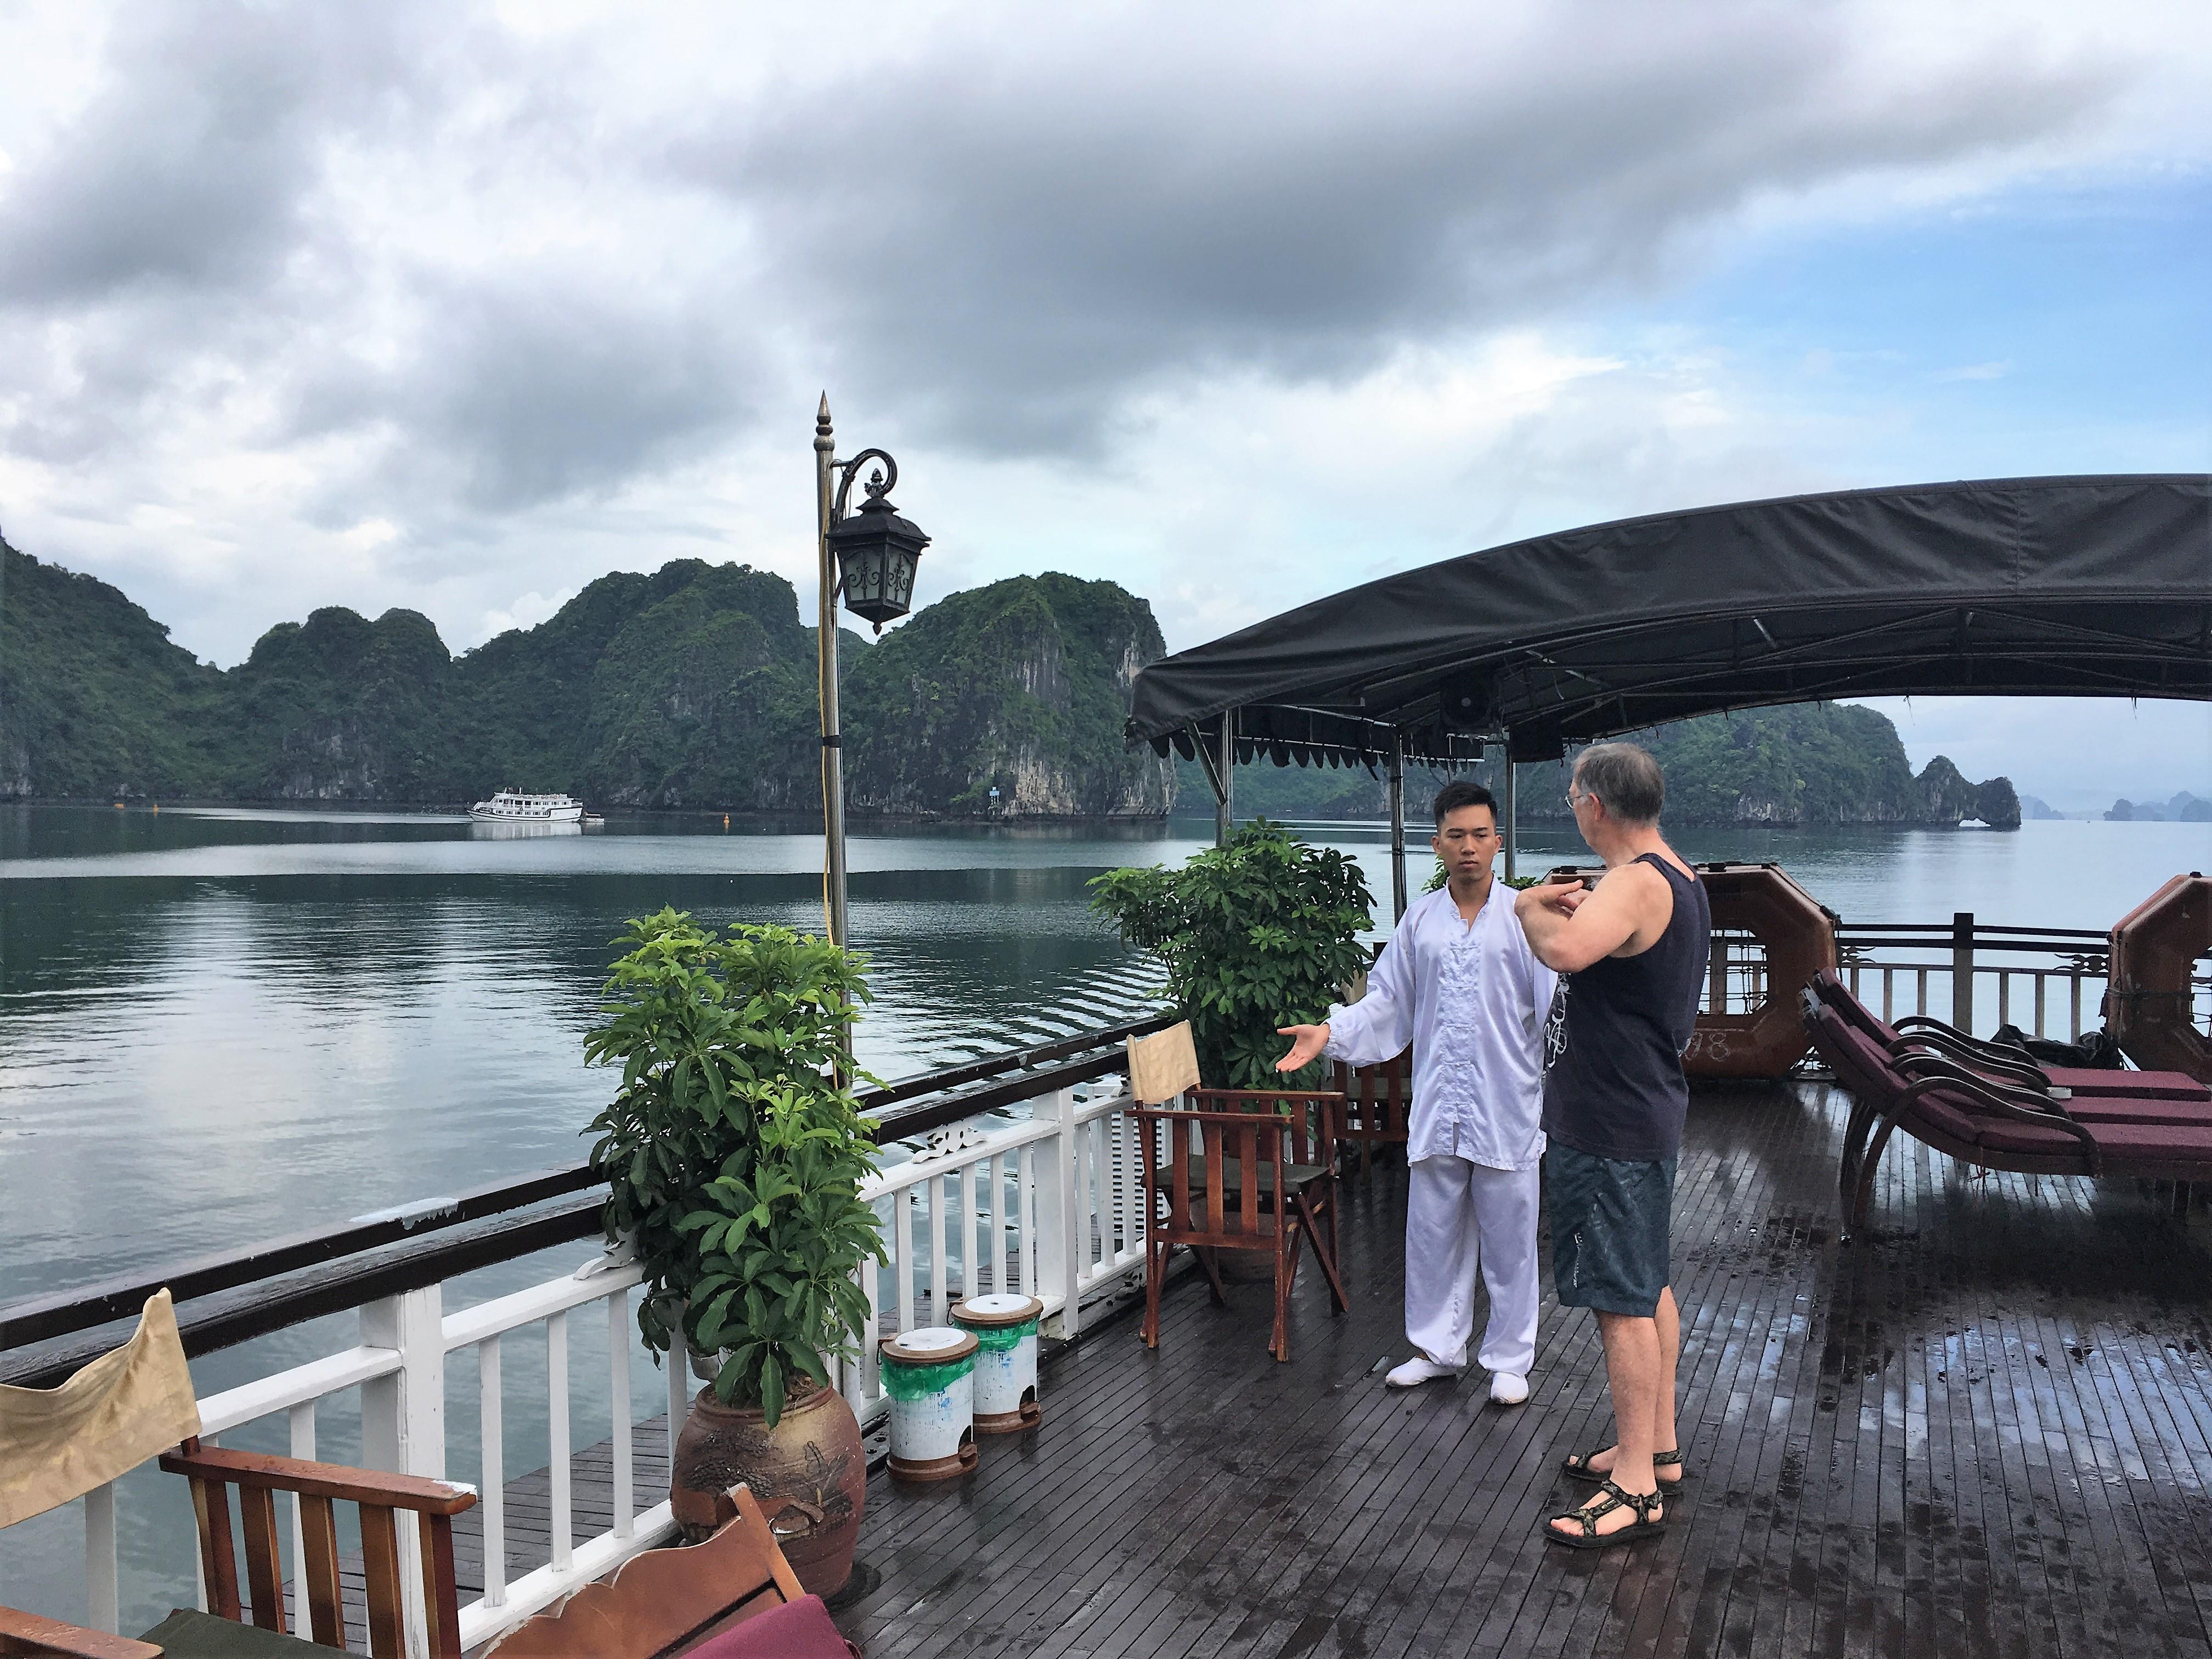 halong bay cruise, ha long bay, tai chi, vietnam